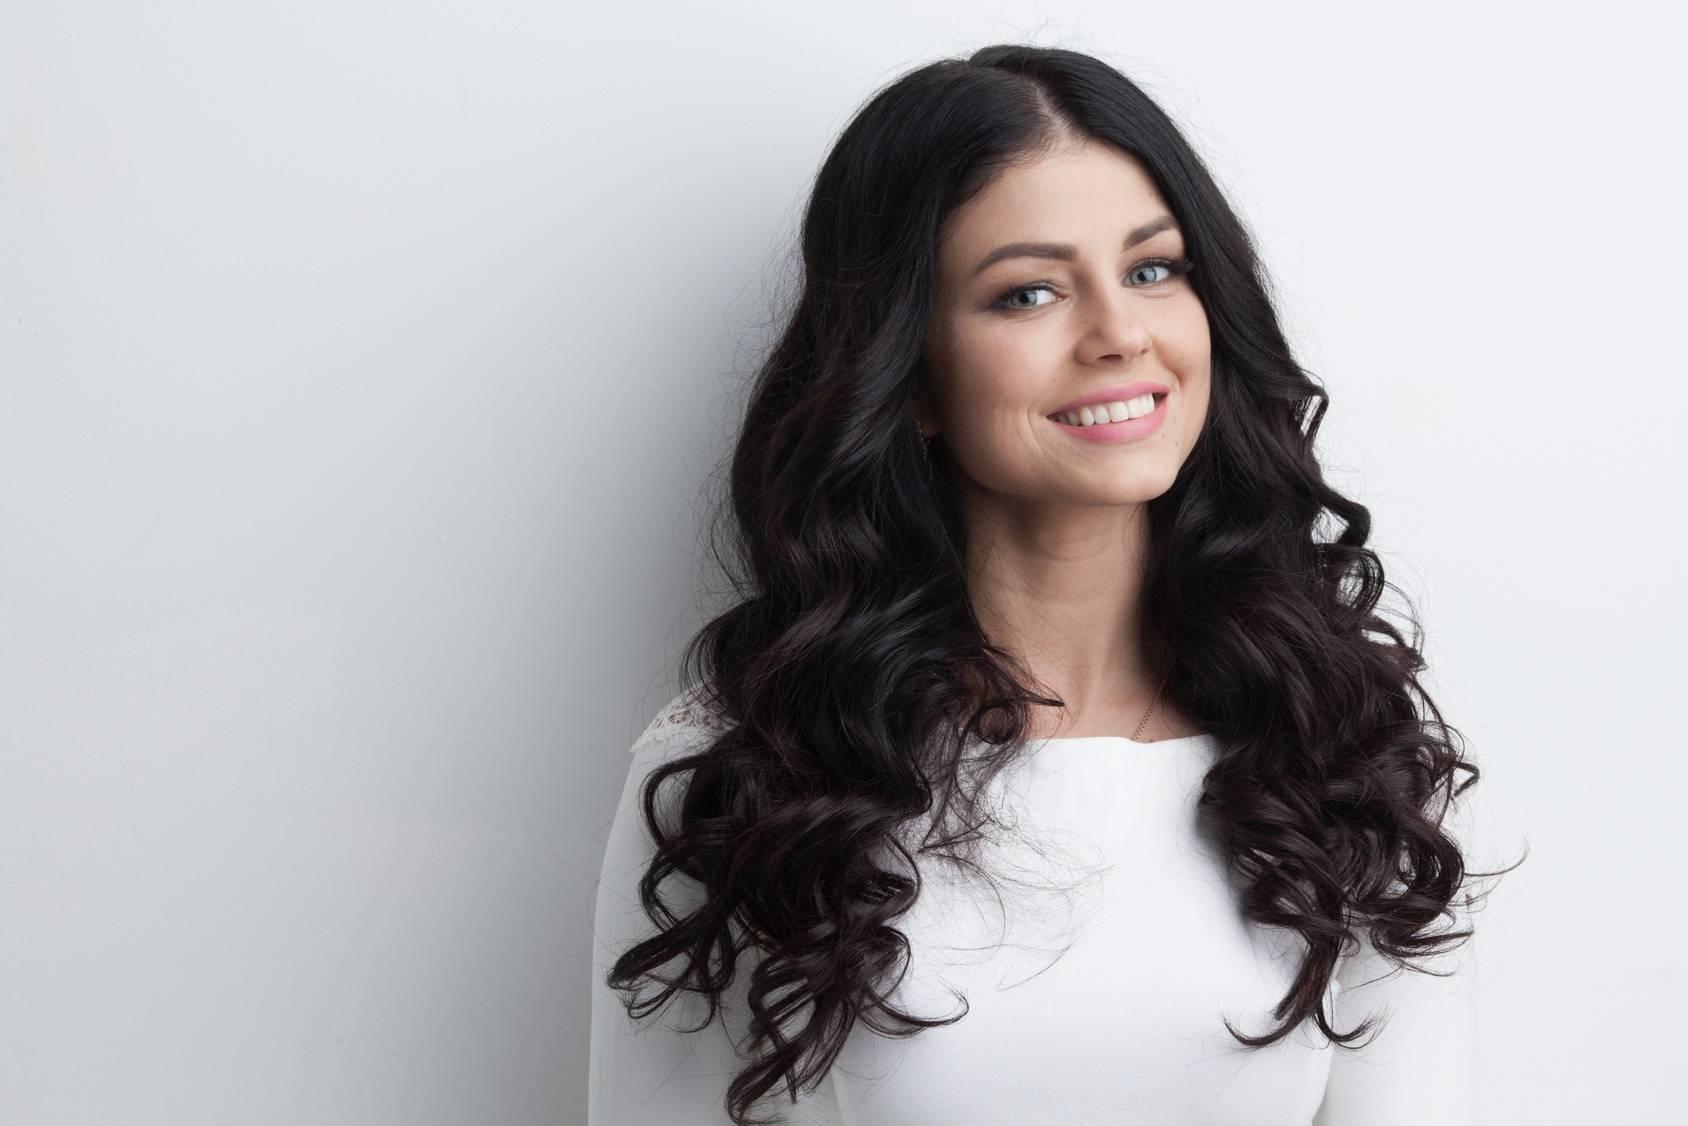 Jak walczyć z wypadaniem włosów po porodzie?